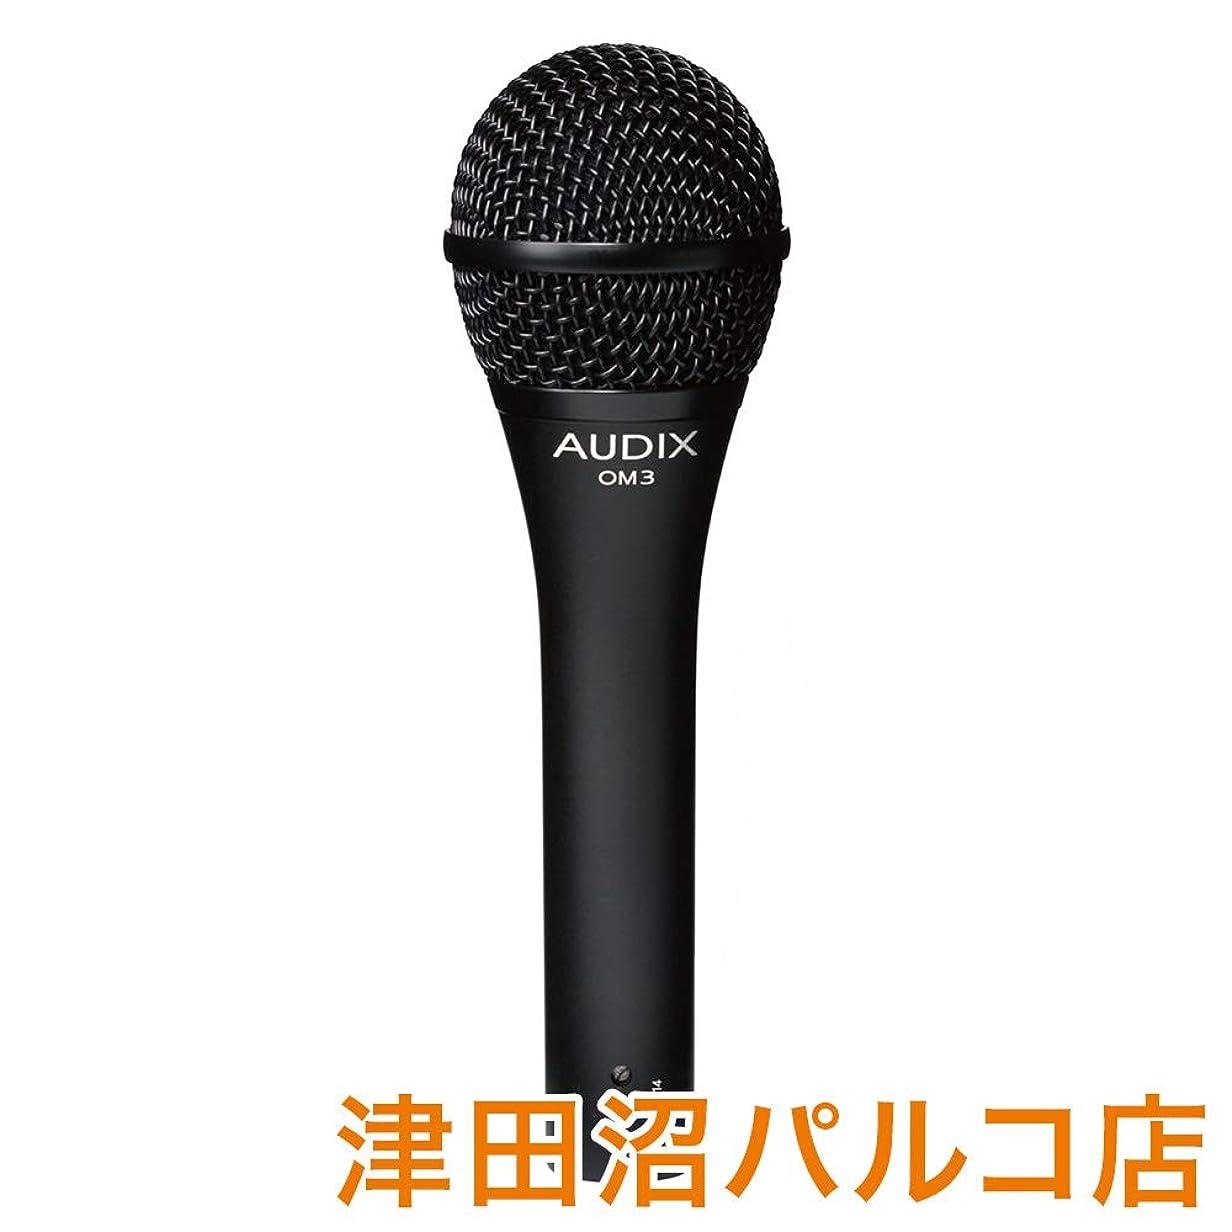 ビートクルー最大限AUDIX OM3 ダイナミックマイク/ボーカル用 オーディックス